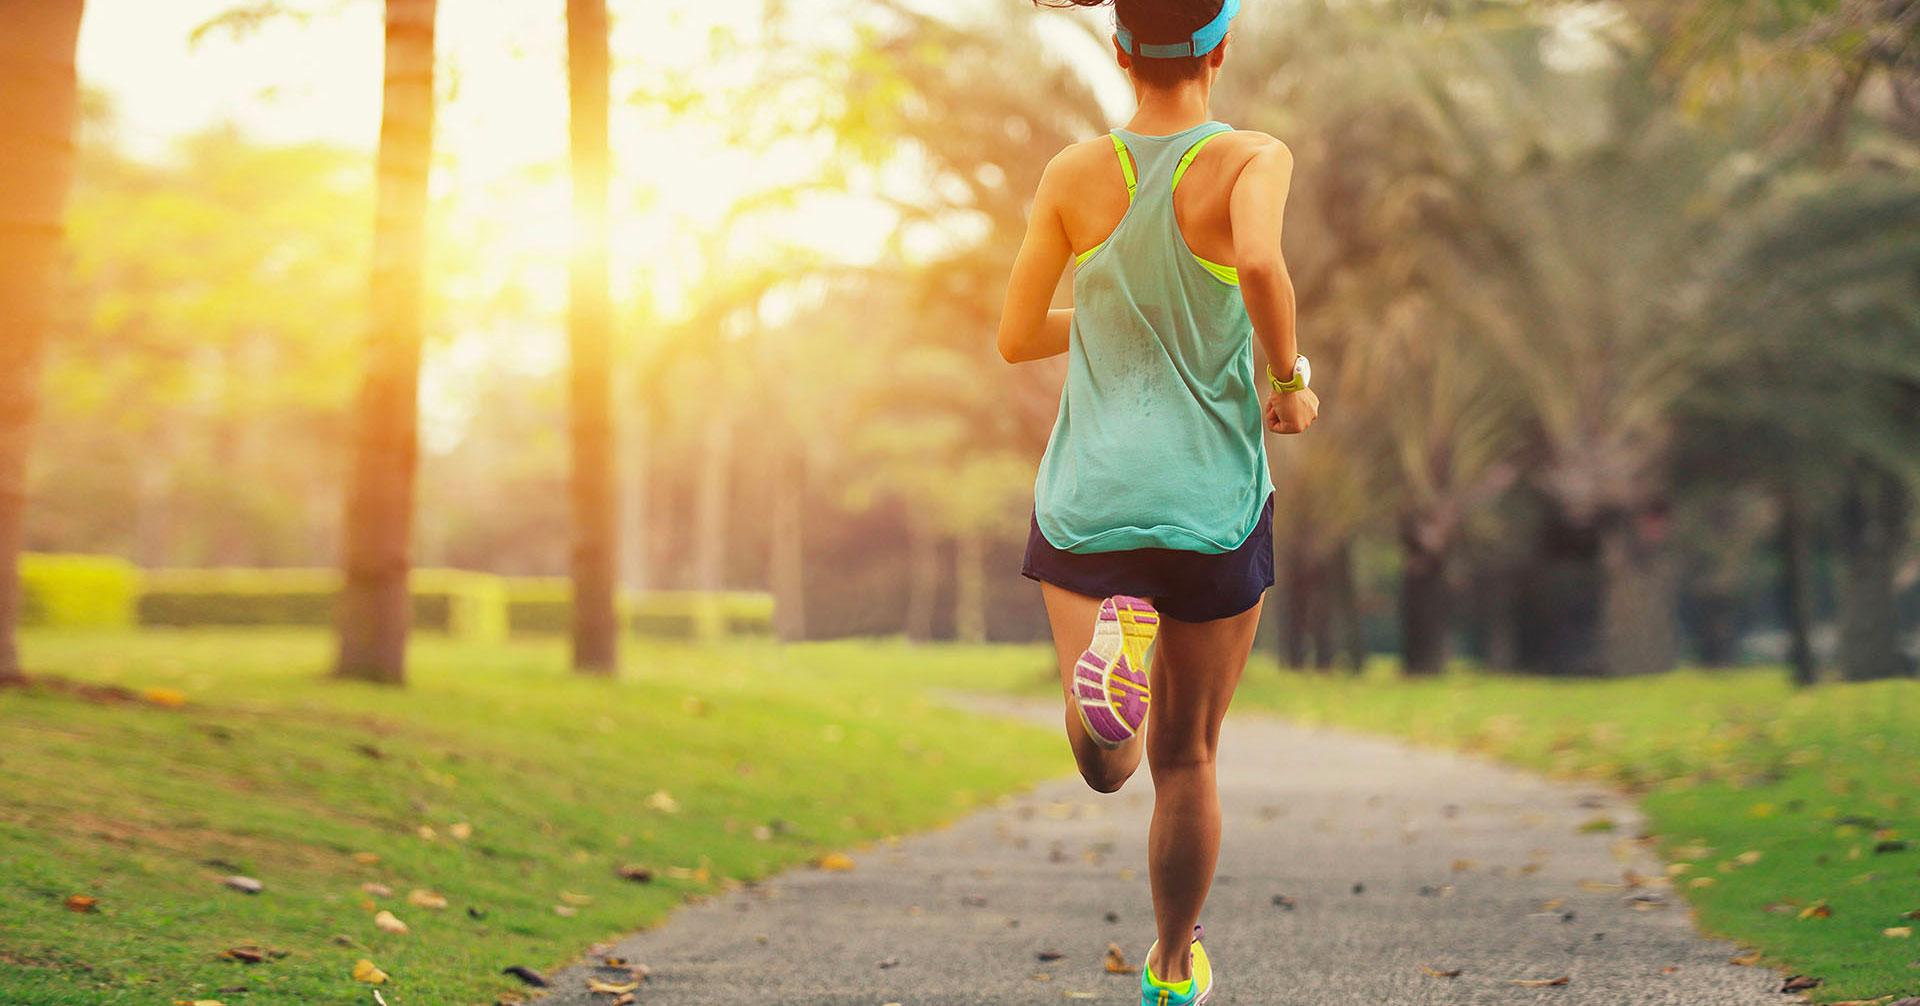 Actividad-física-y-salud